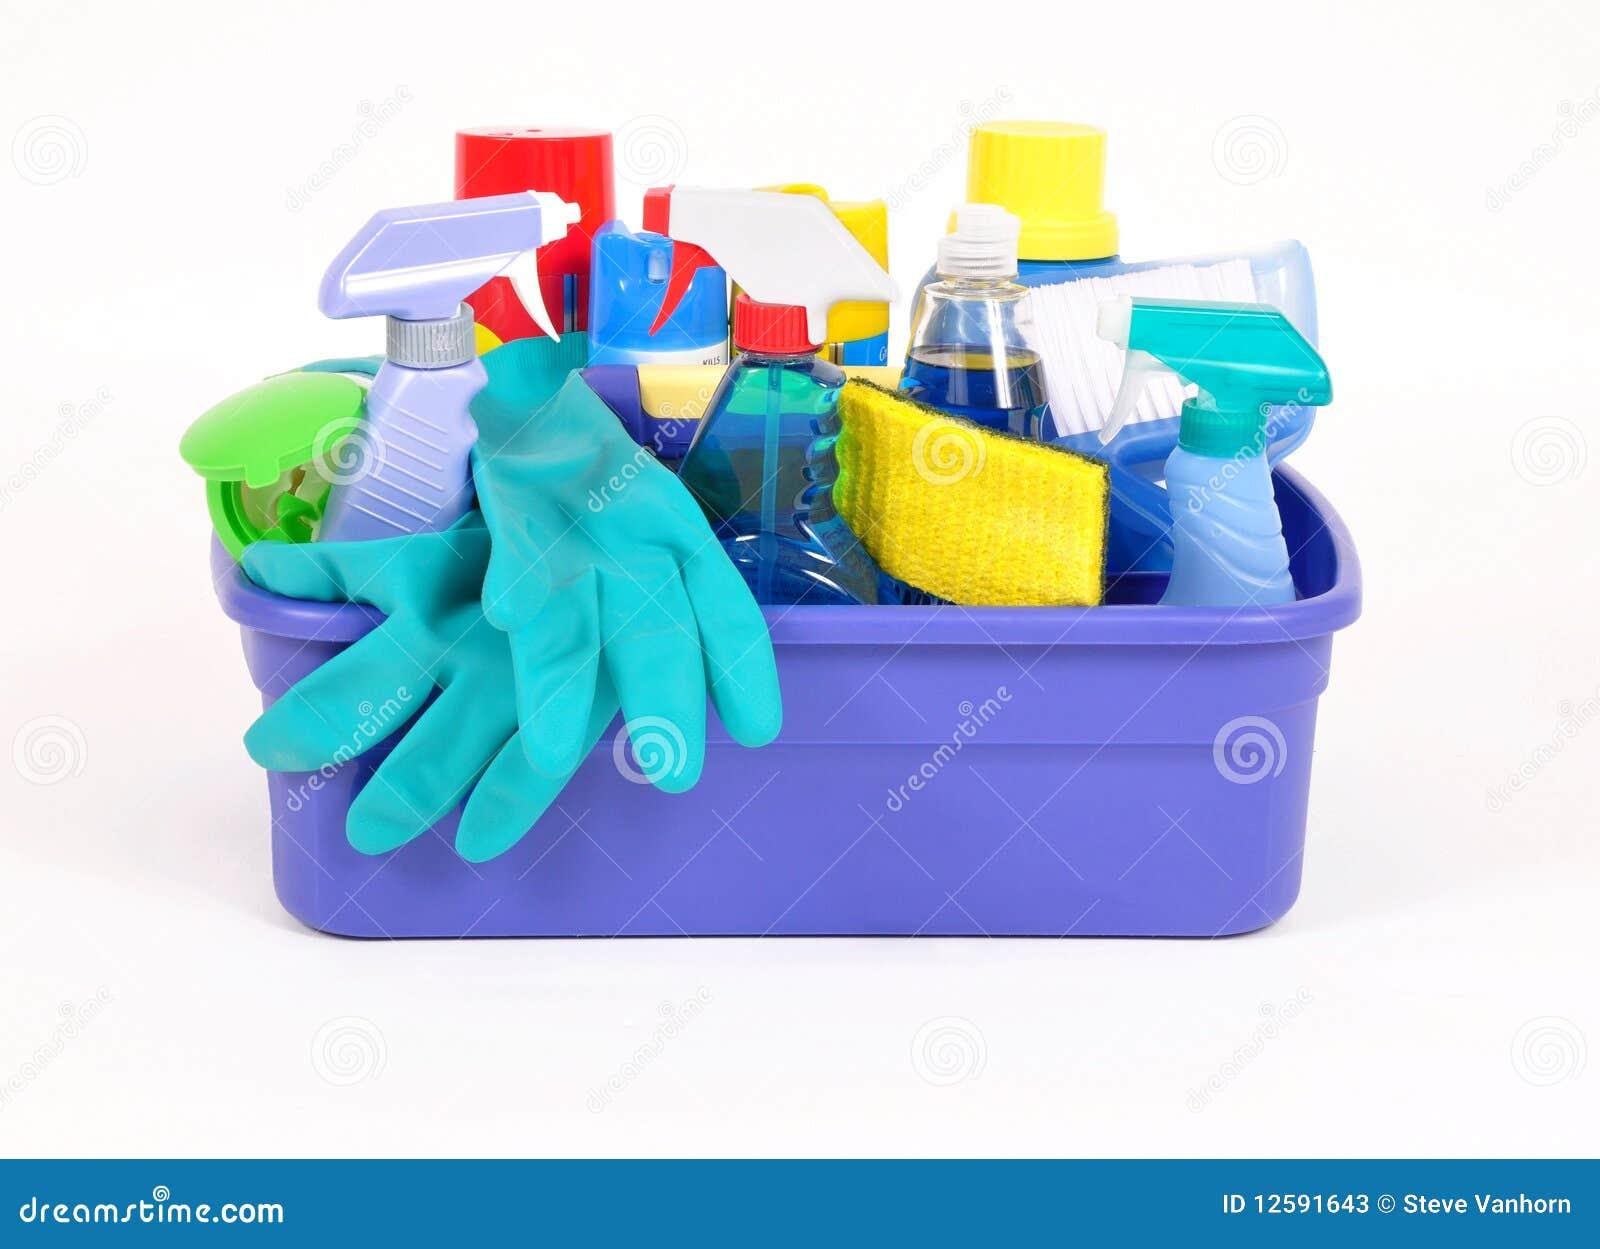 Productos del hogar fotos de archivo imagen 12591643 for Articulos para limpieza del hogar